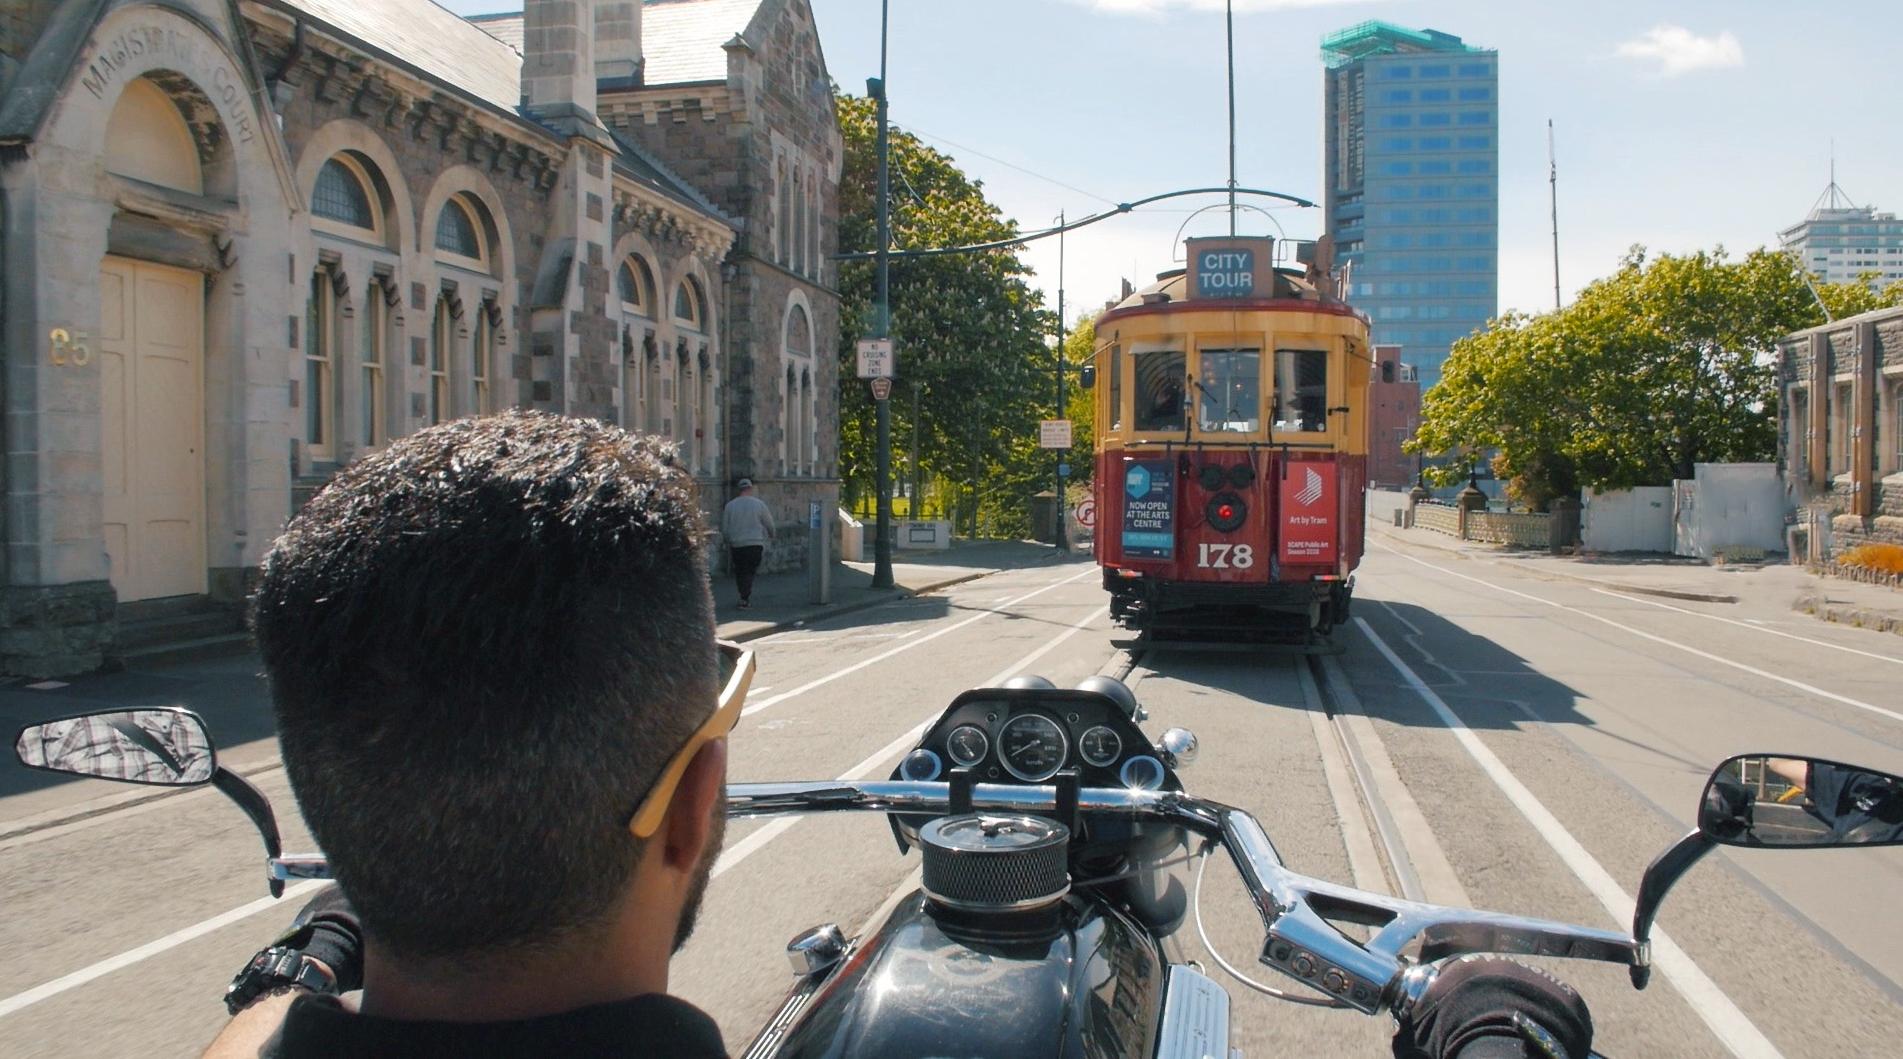 V8 Trikes – Akaroa